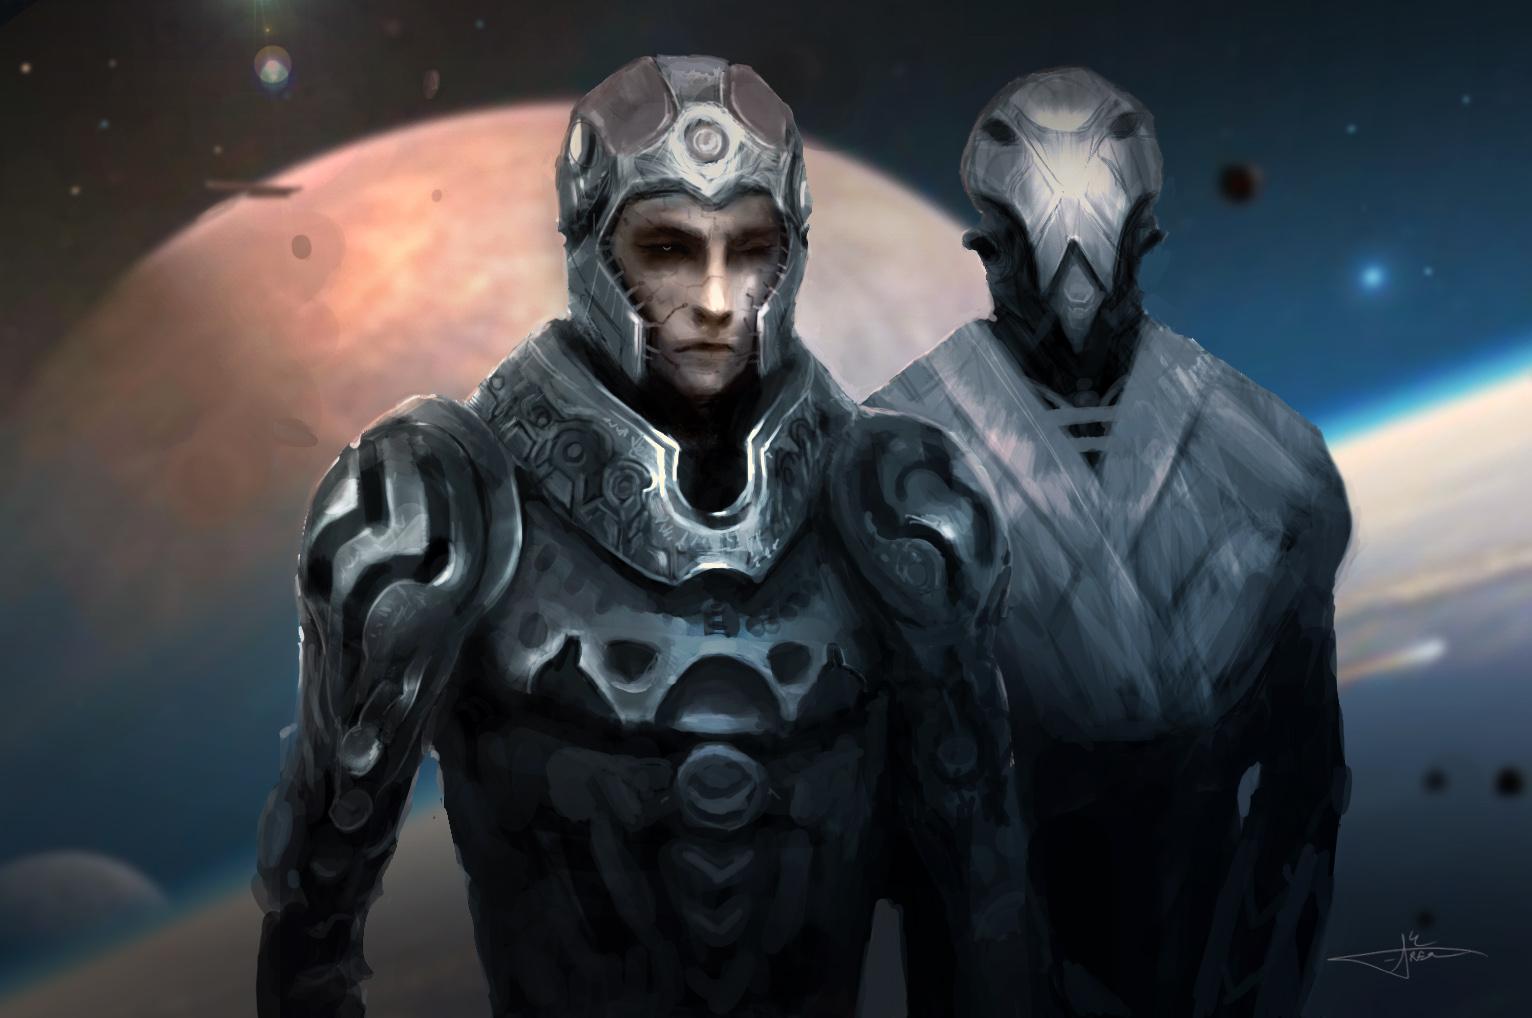 Lieutenant by erenarik